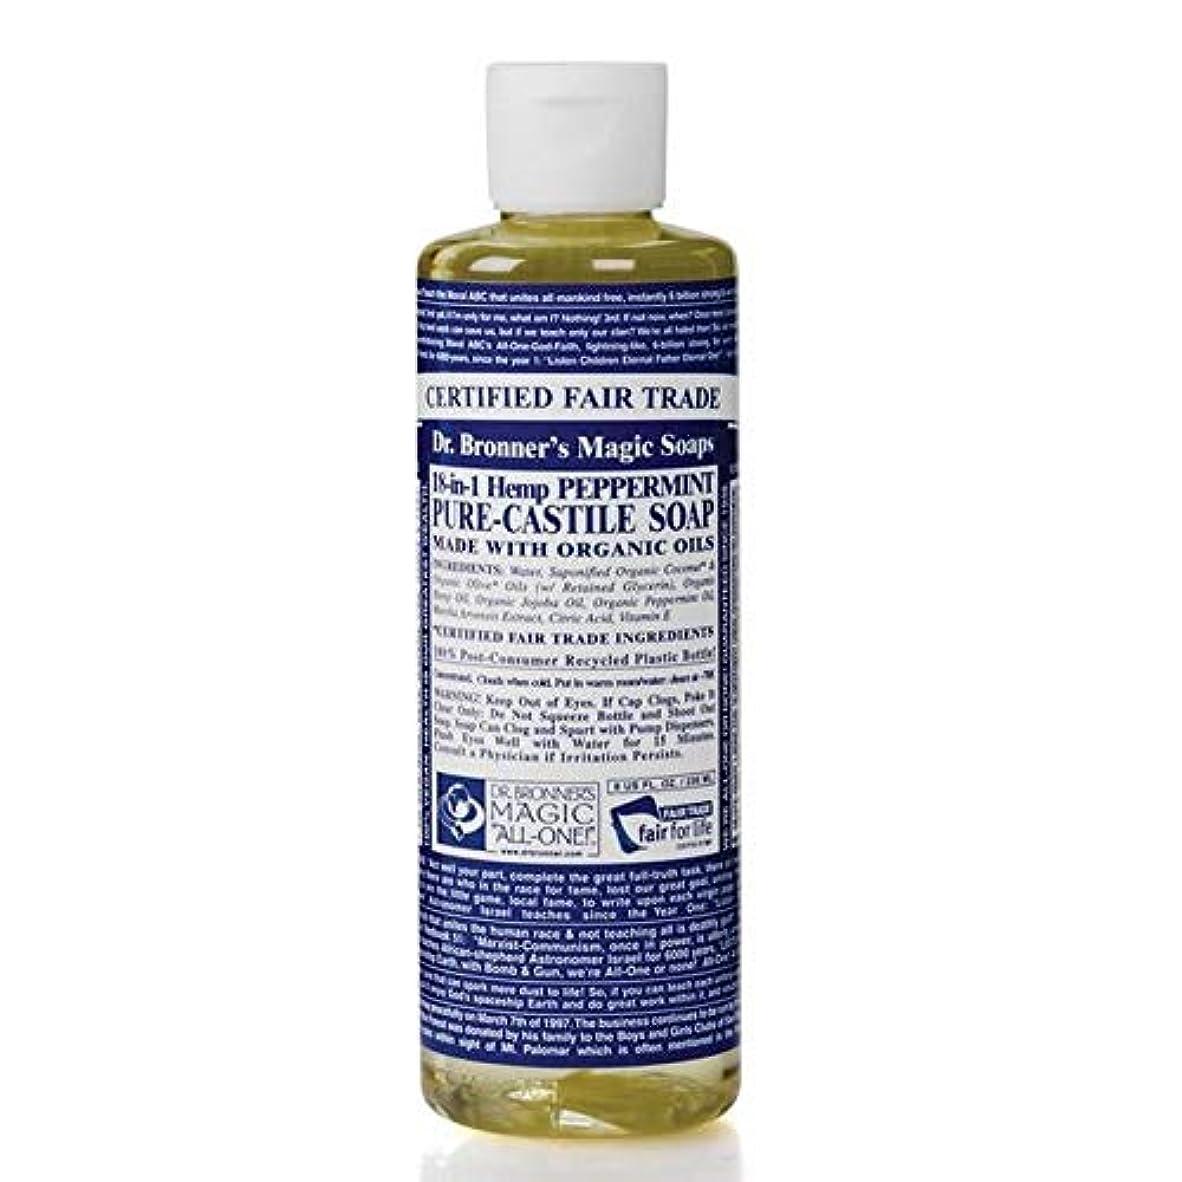 疑問に思う透過性下る[Dr Bronner] Dr。ブロナーズオーガニックペパーミントカスティーリャ液体石鹸473ミリリットル - Dr. Bronner's Organic Peppermint Castile Liquid Soap 473ml...